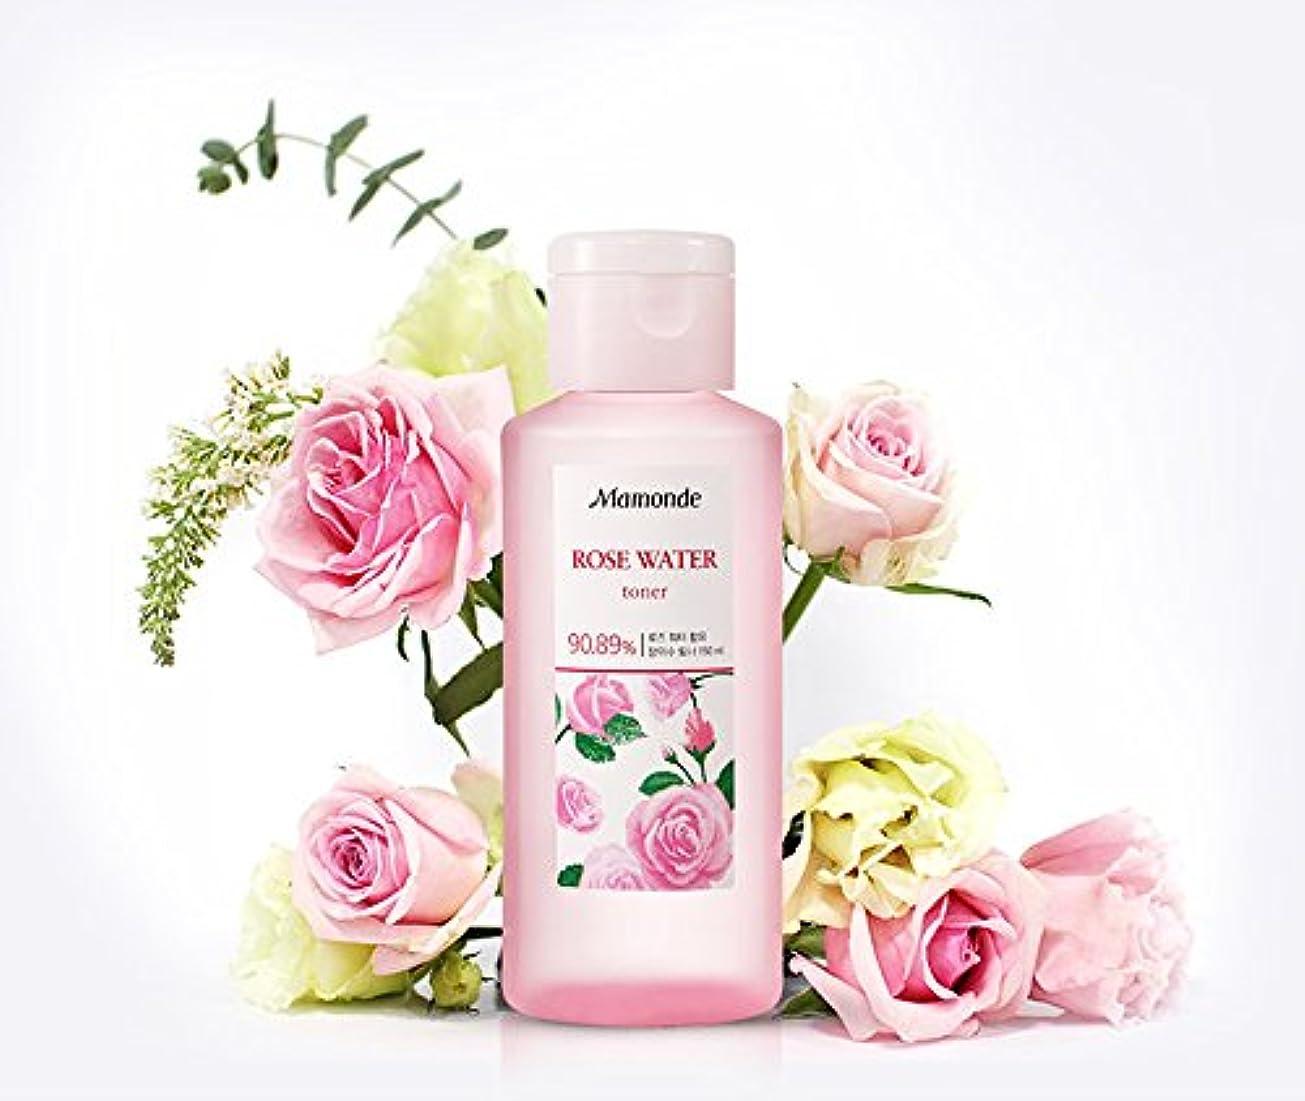 鎮静剤お酢有望韓国 コスメ Mamonde - マモンド ローズウォーター トナー 150ml Mamonde Rose Water Tone 150ml